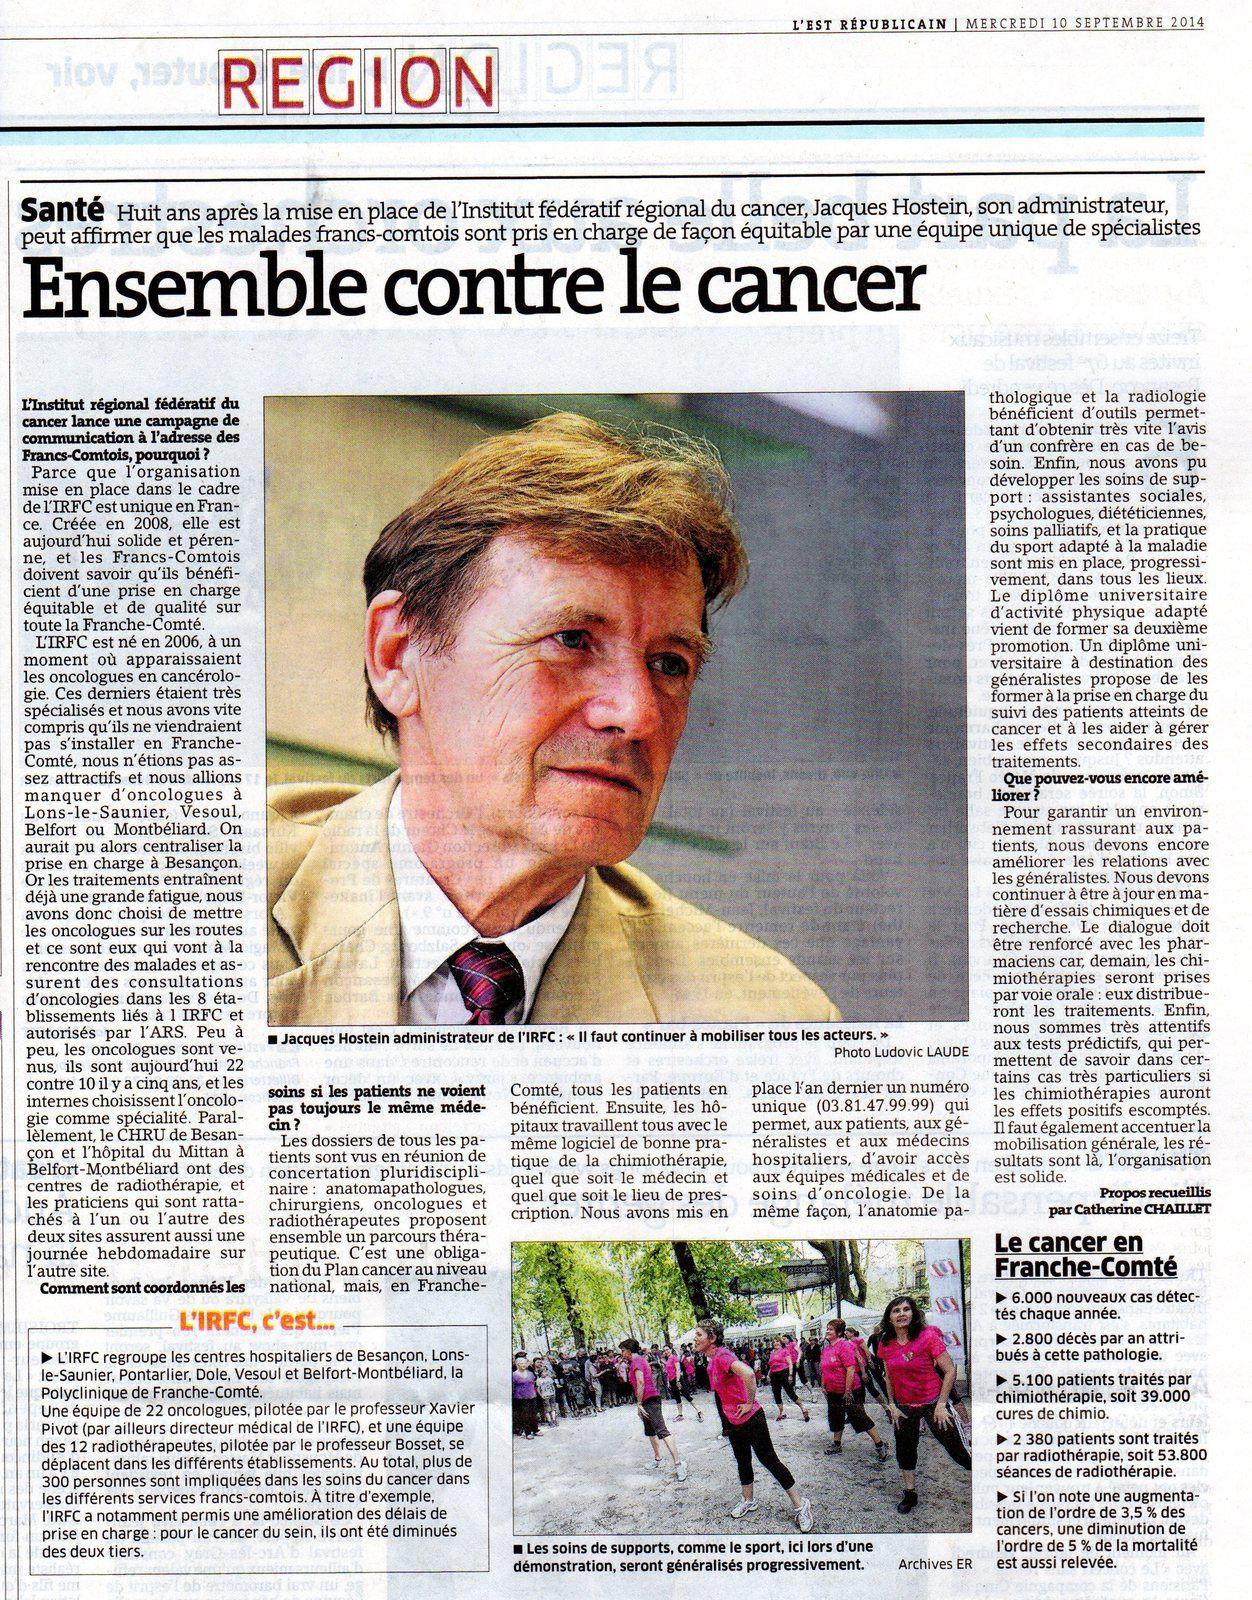 Ensemble contre le cancer en Franche Comté